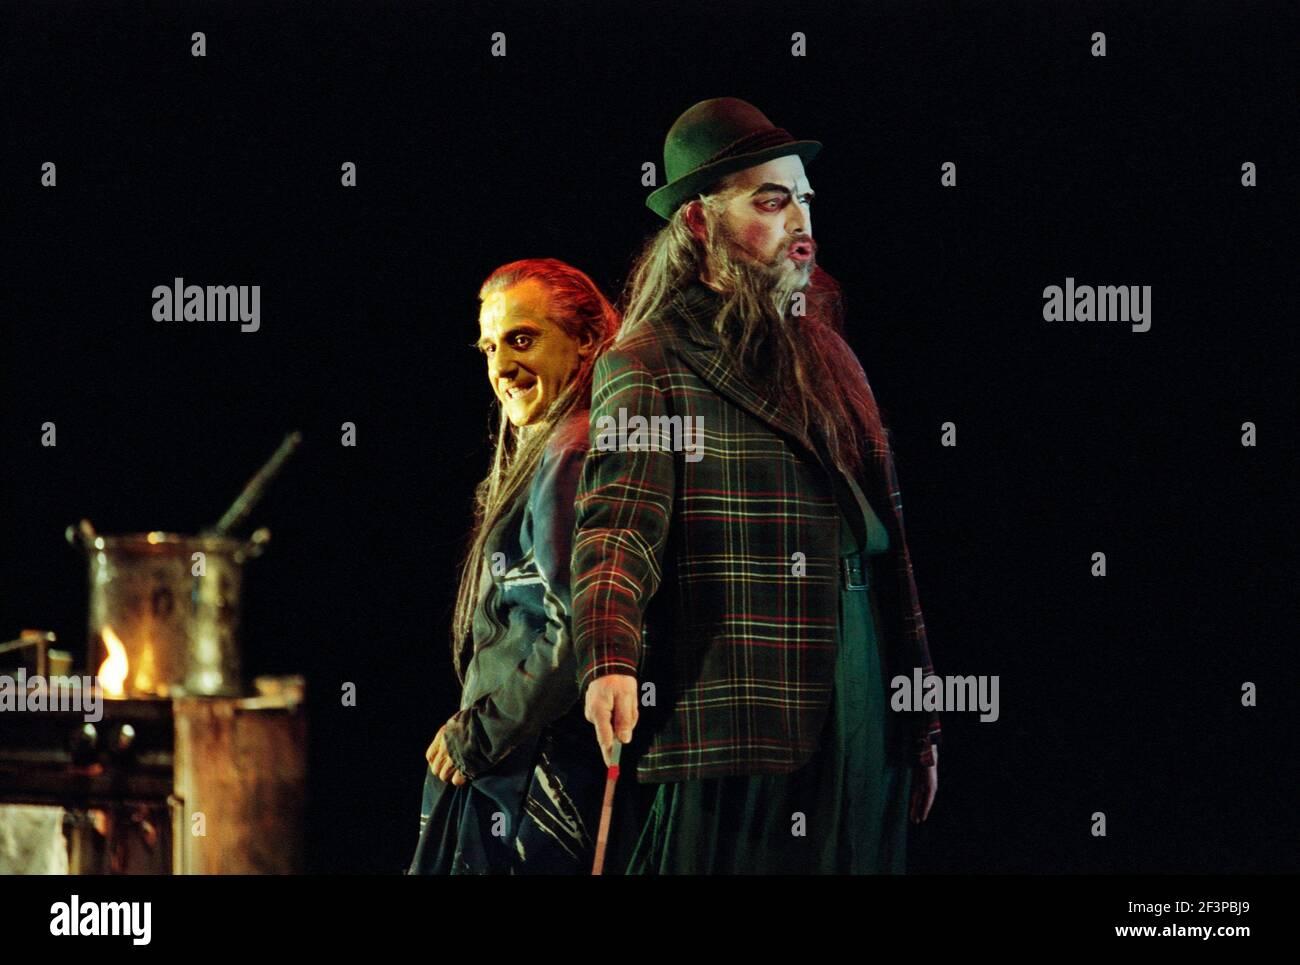 l-r: Graham Clark (MIME), John Tomlinson (Wotan / The Wanderer) à SIEGFRIED par Wagner à l'Opéra Royal, Covent Garden, Londres WC2 27/03/1995 chef d'orchestre: Bernard Haitink design: Nigel Lowery éclairage: Pat Collins mouvement: Matthew Hamilton directeur: Richard Jones Banque D'Images